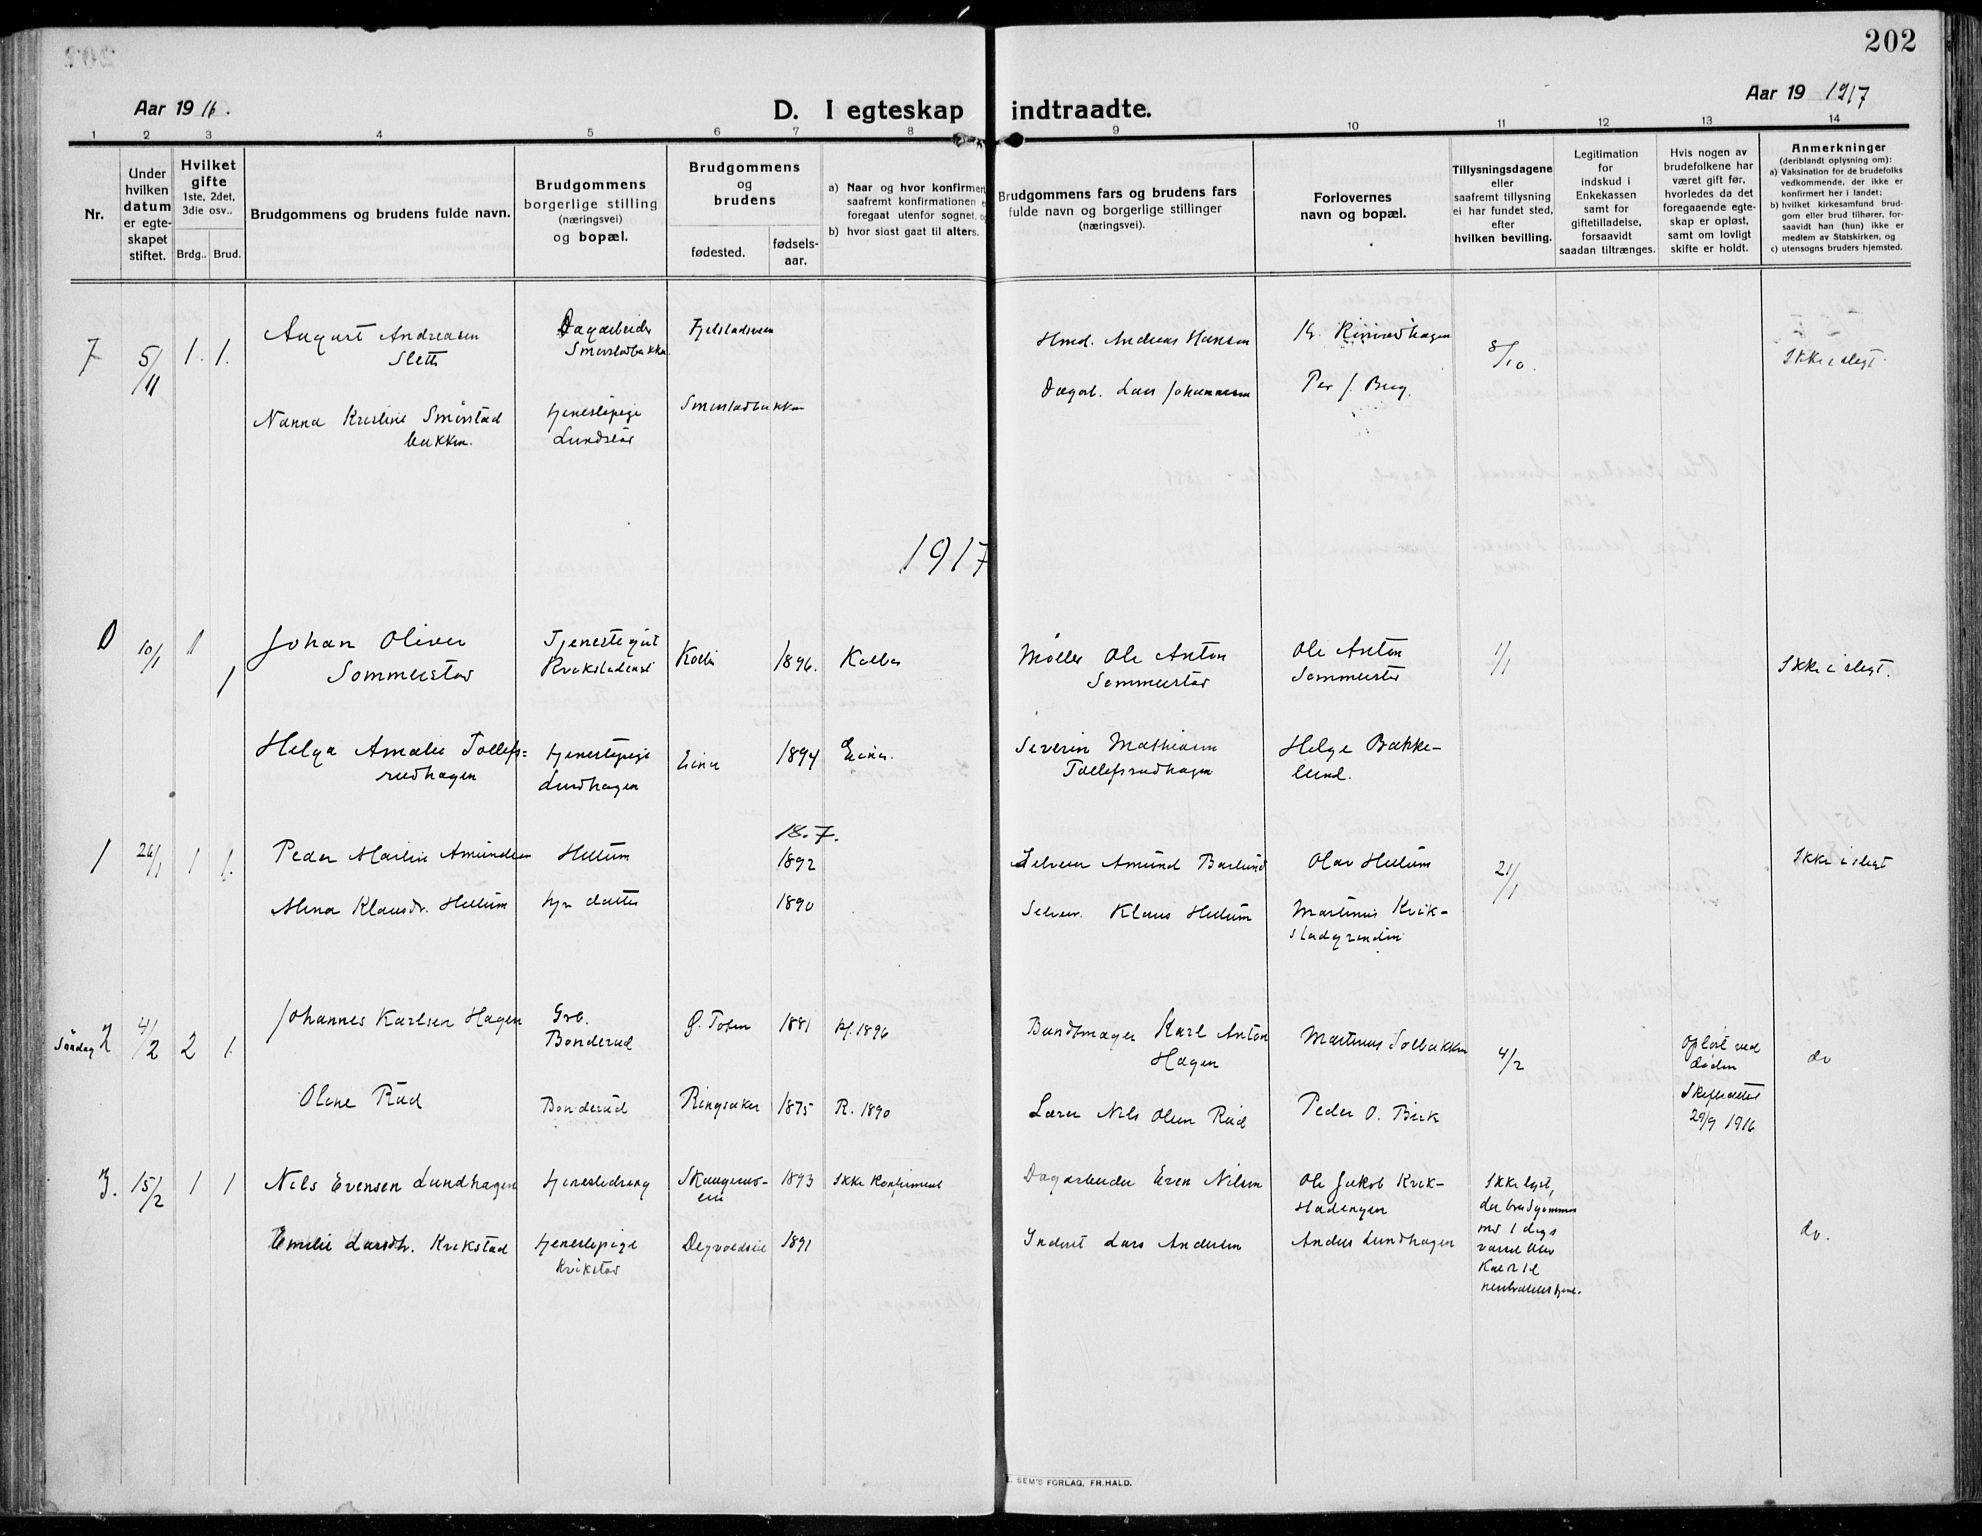 SAH, Kolbu prestekontor, Ministerialbok nr. 2, 1912-1926, s. 202